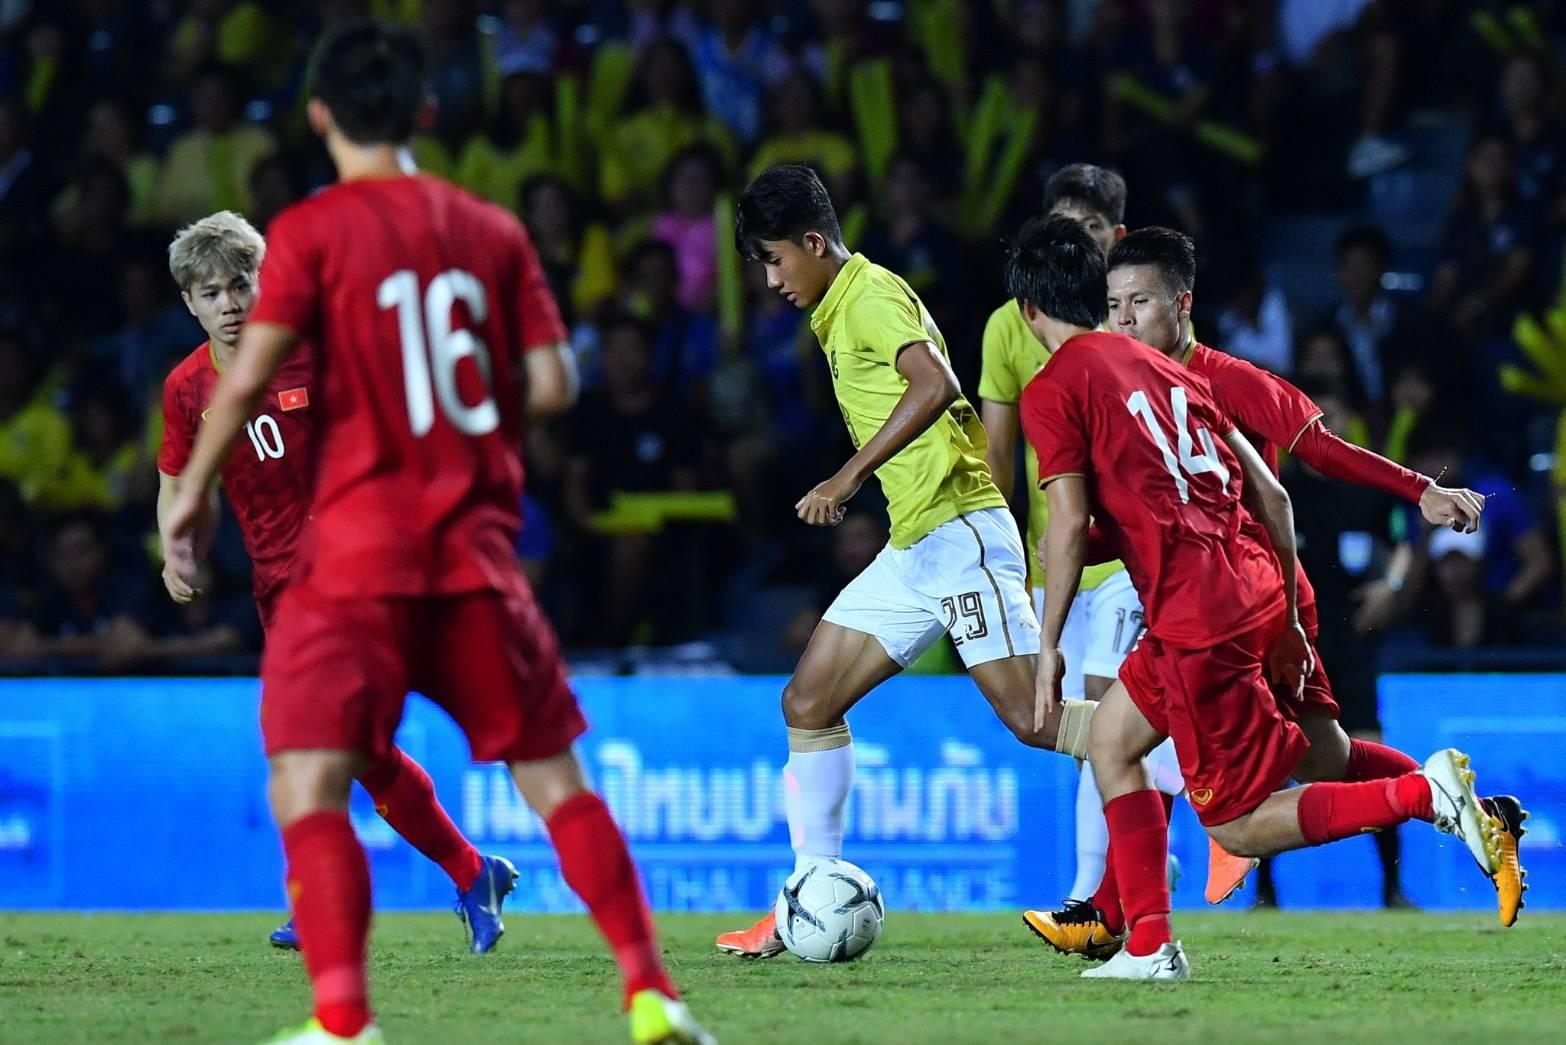 คิงส์ คัพ คิงส์คัพ 2019 ทีมชาติไทย ศุภณัฏฐ์ เหมือนตา